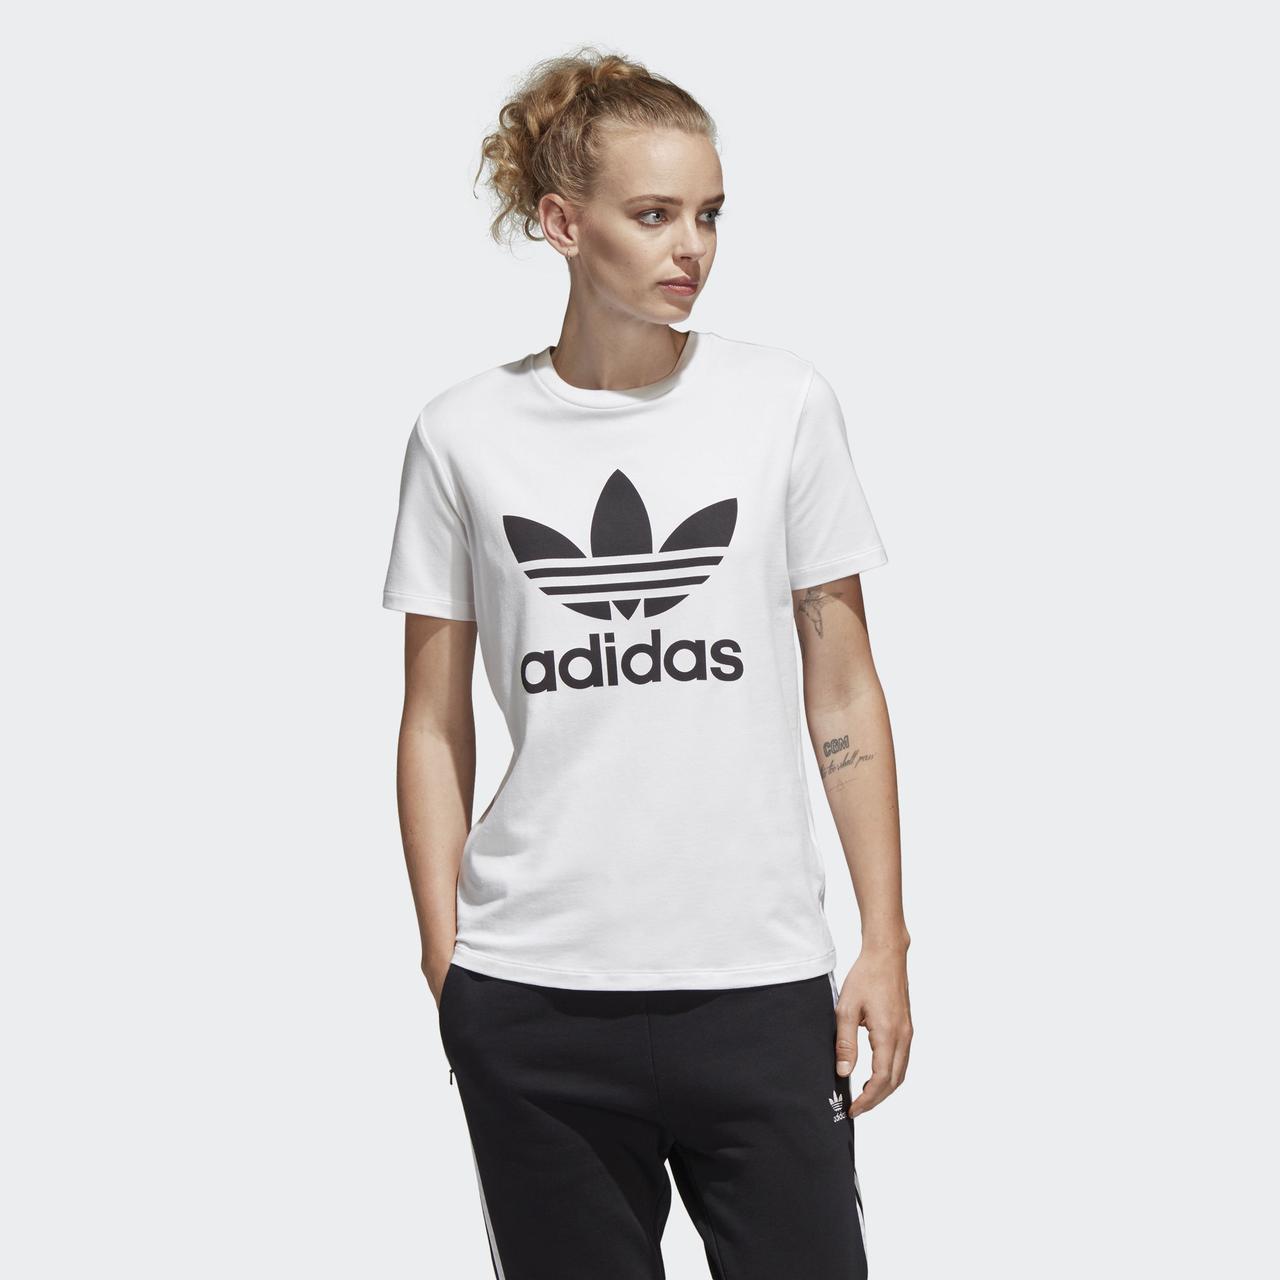 Женская футболка Adidas Originals Adicolor Trefoil (Артикул: CV9889), фото 1